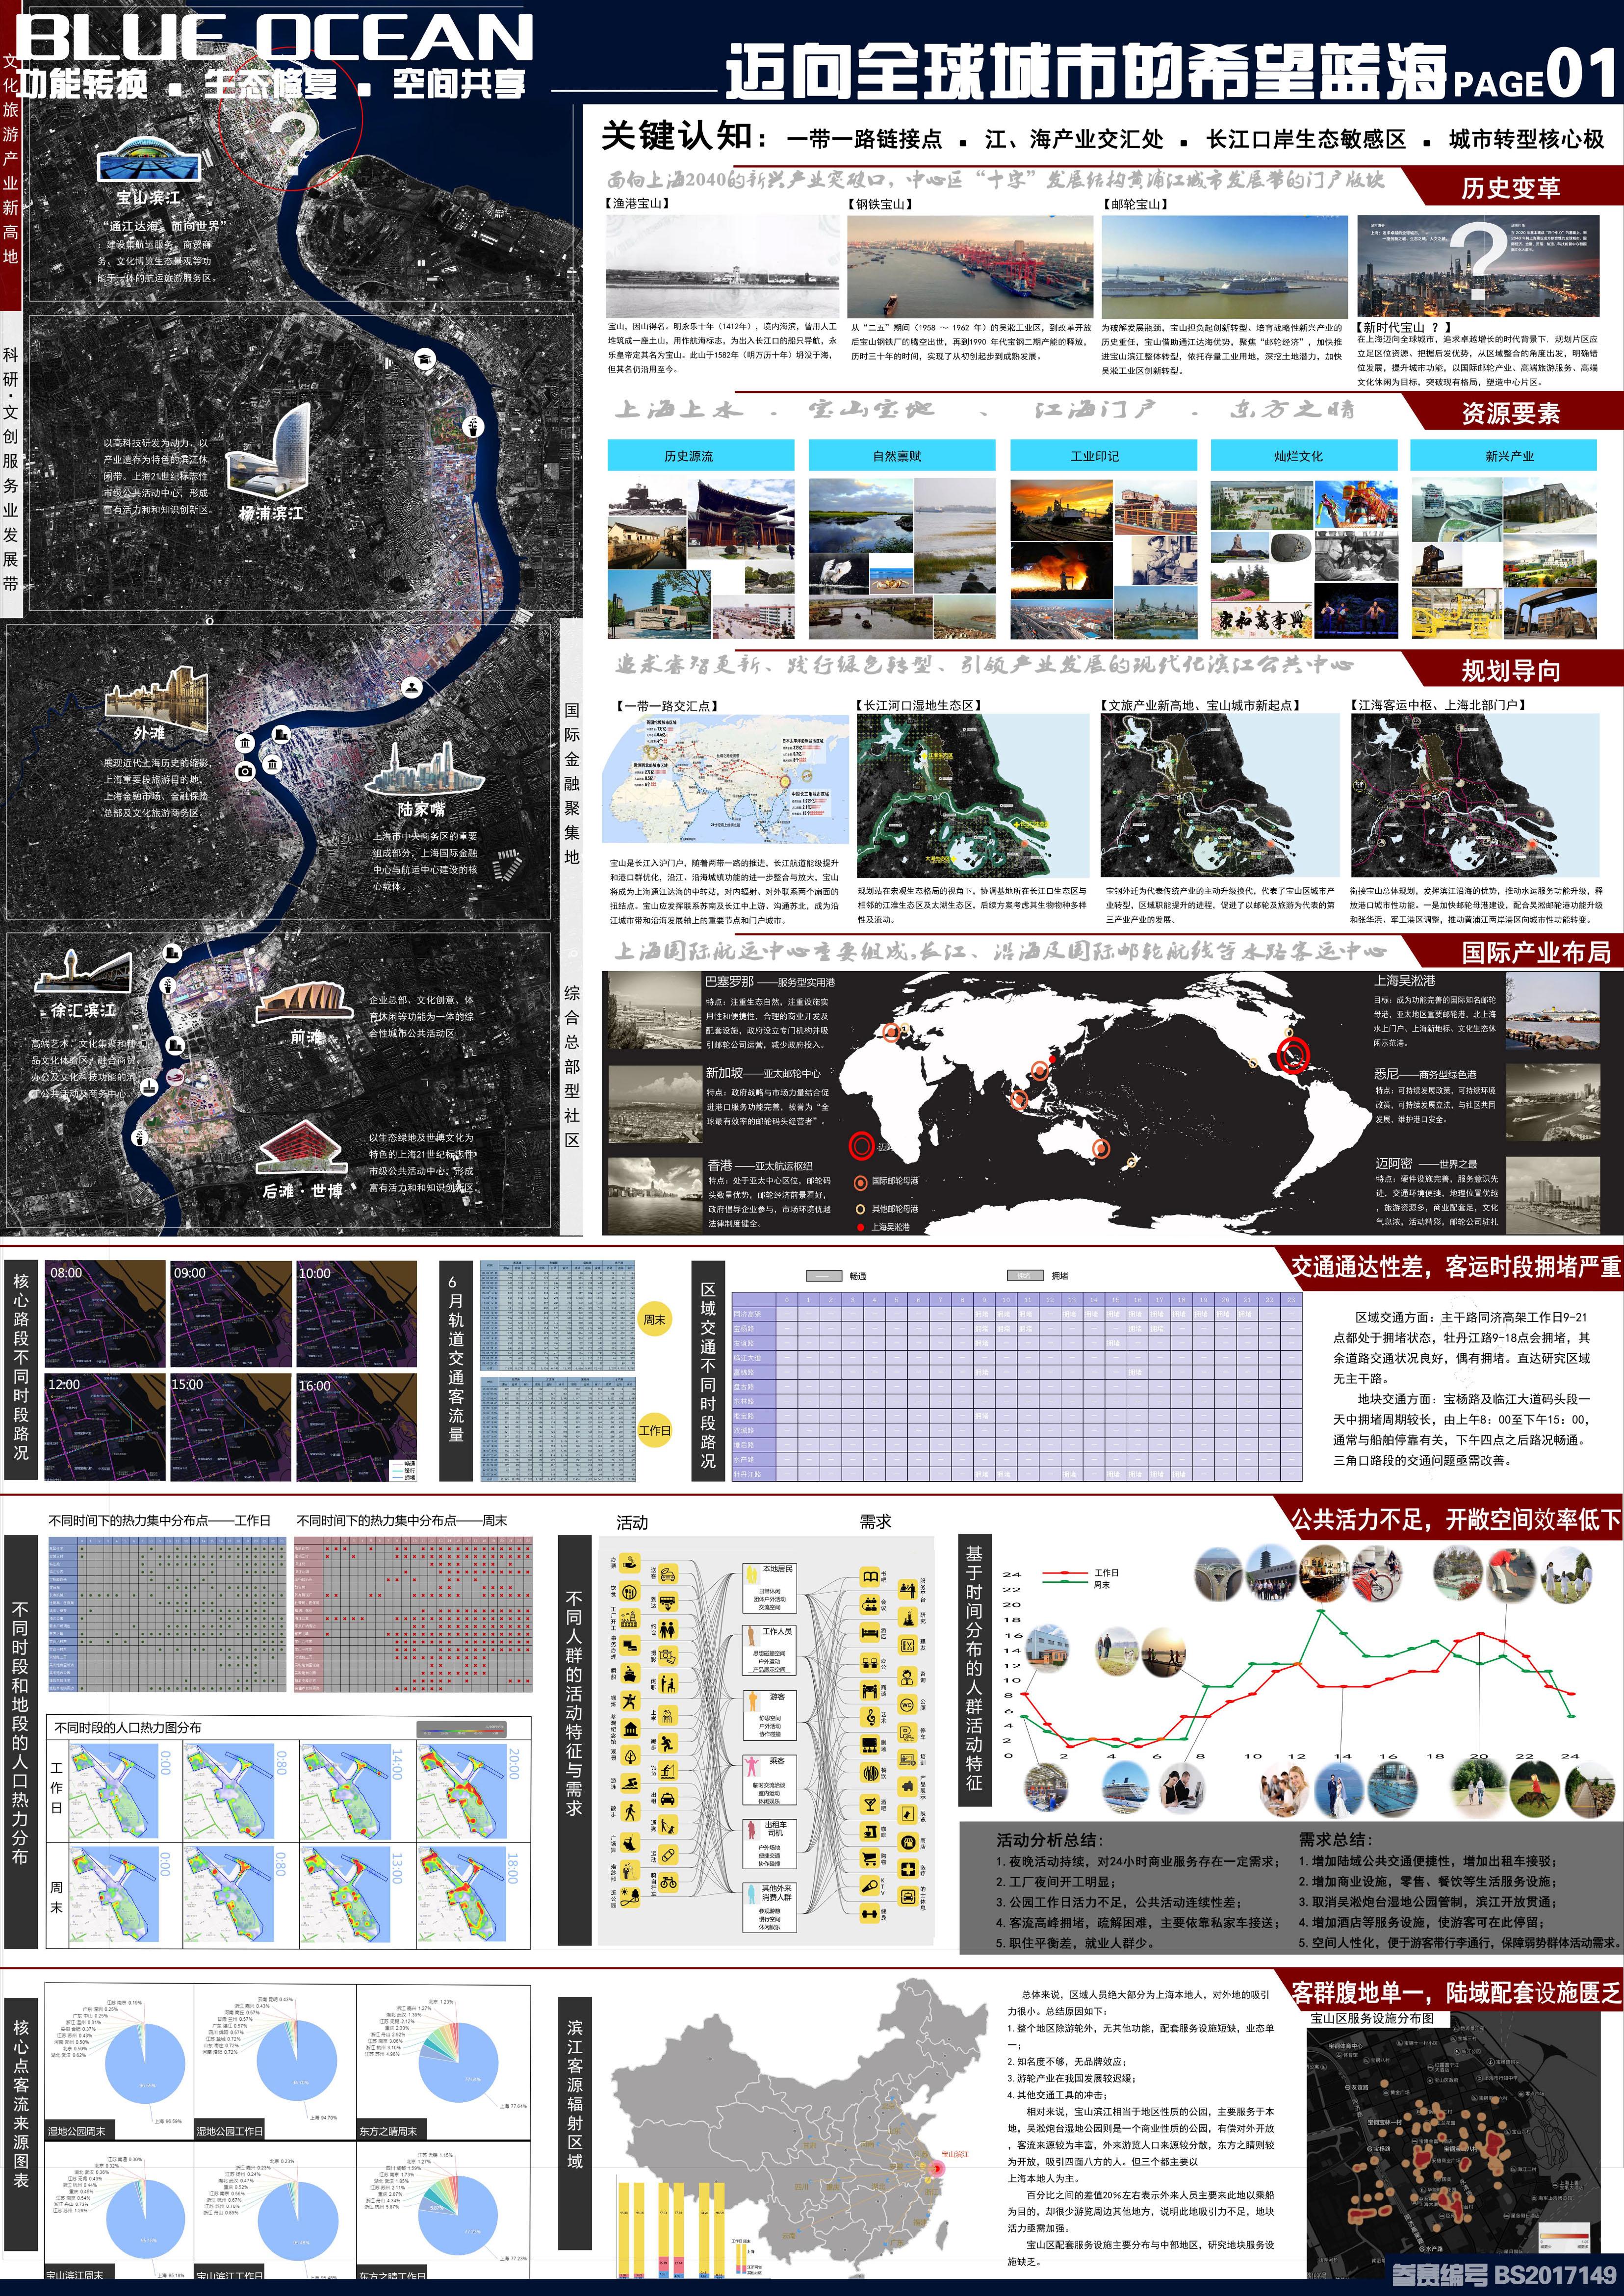 替换BS2017149-Blue Ocean 迈向全球城市的希望蓝海-1.jpg